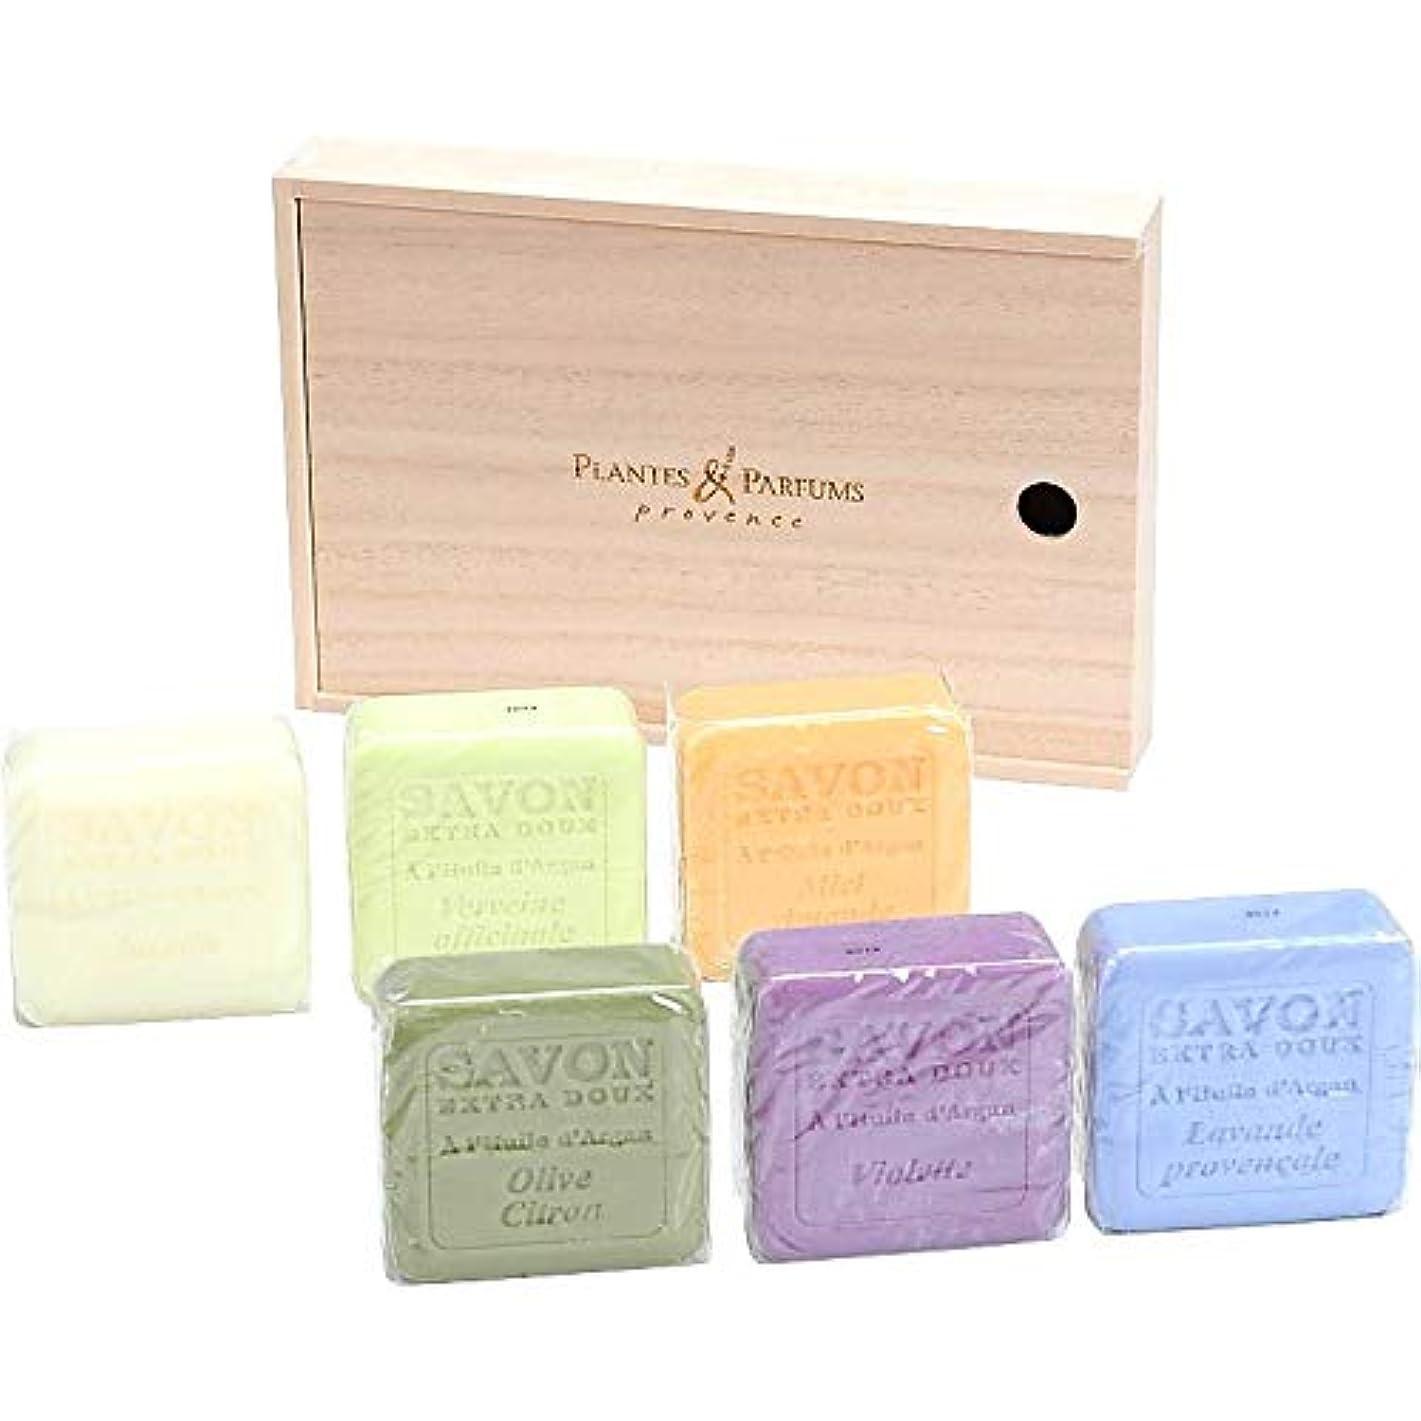 冷ややかな貢献する典型的な(プランツ&パルファム/Plantes & Parfums) アルガンオイルソープ6個セット (桐箱入り) (676-0376r)